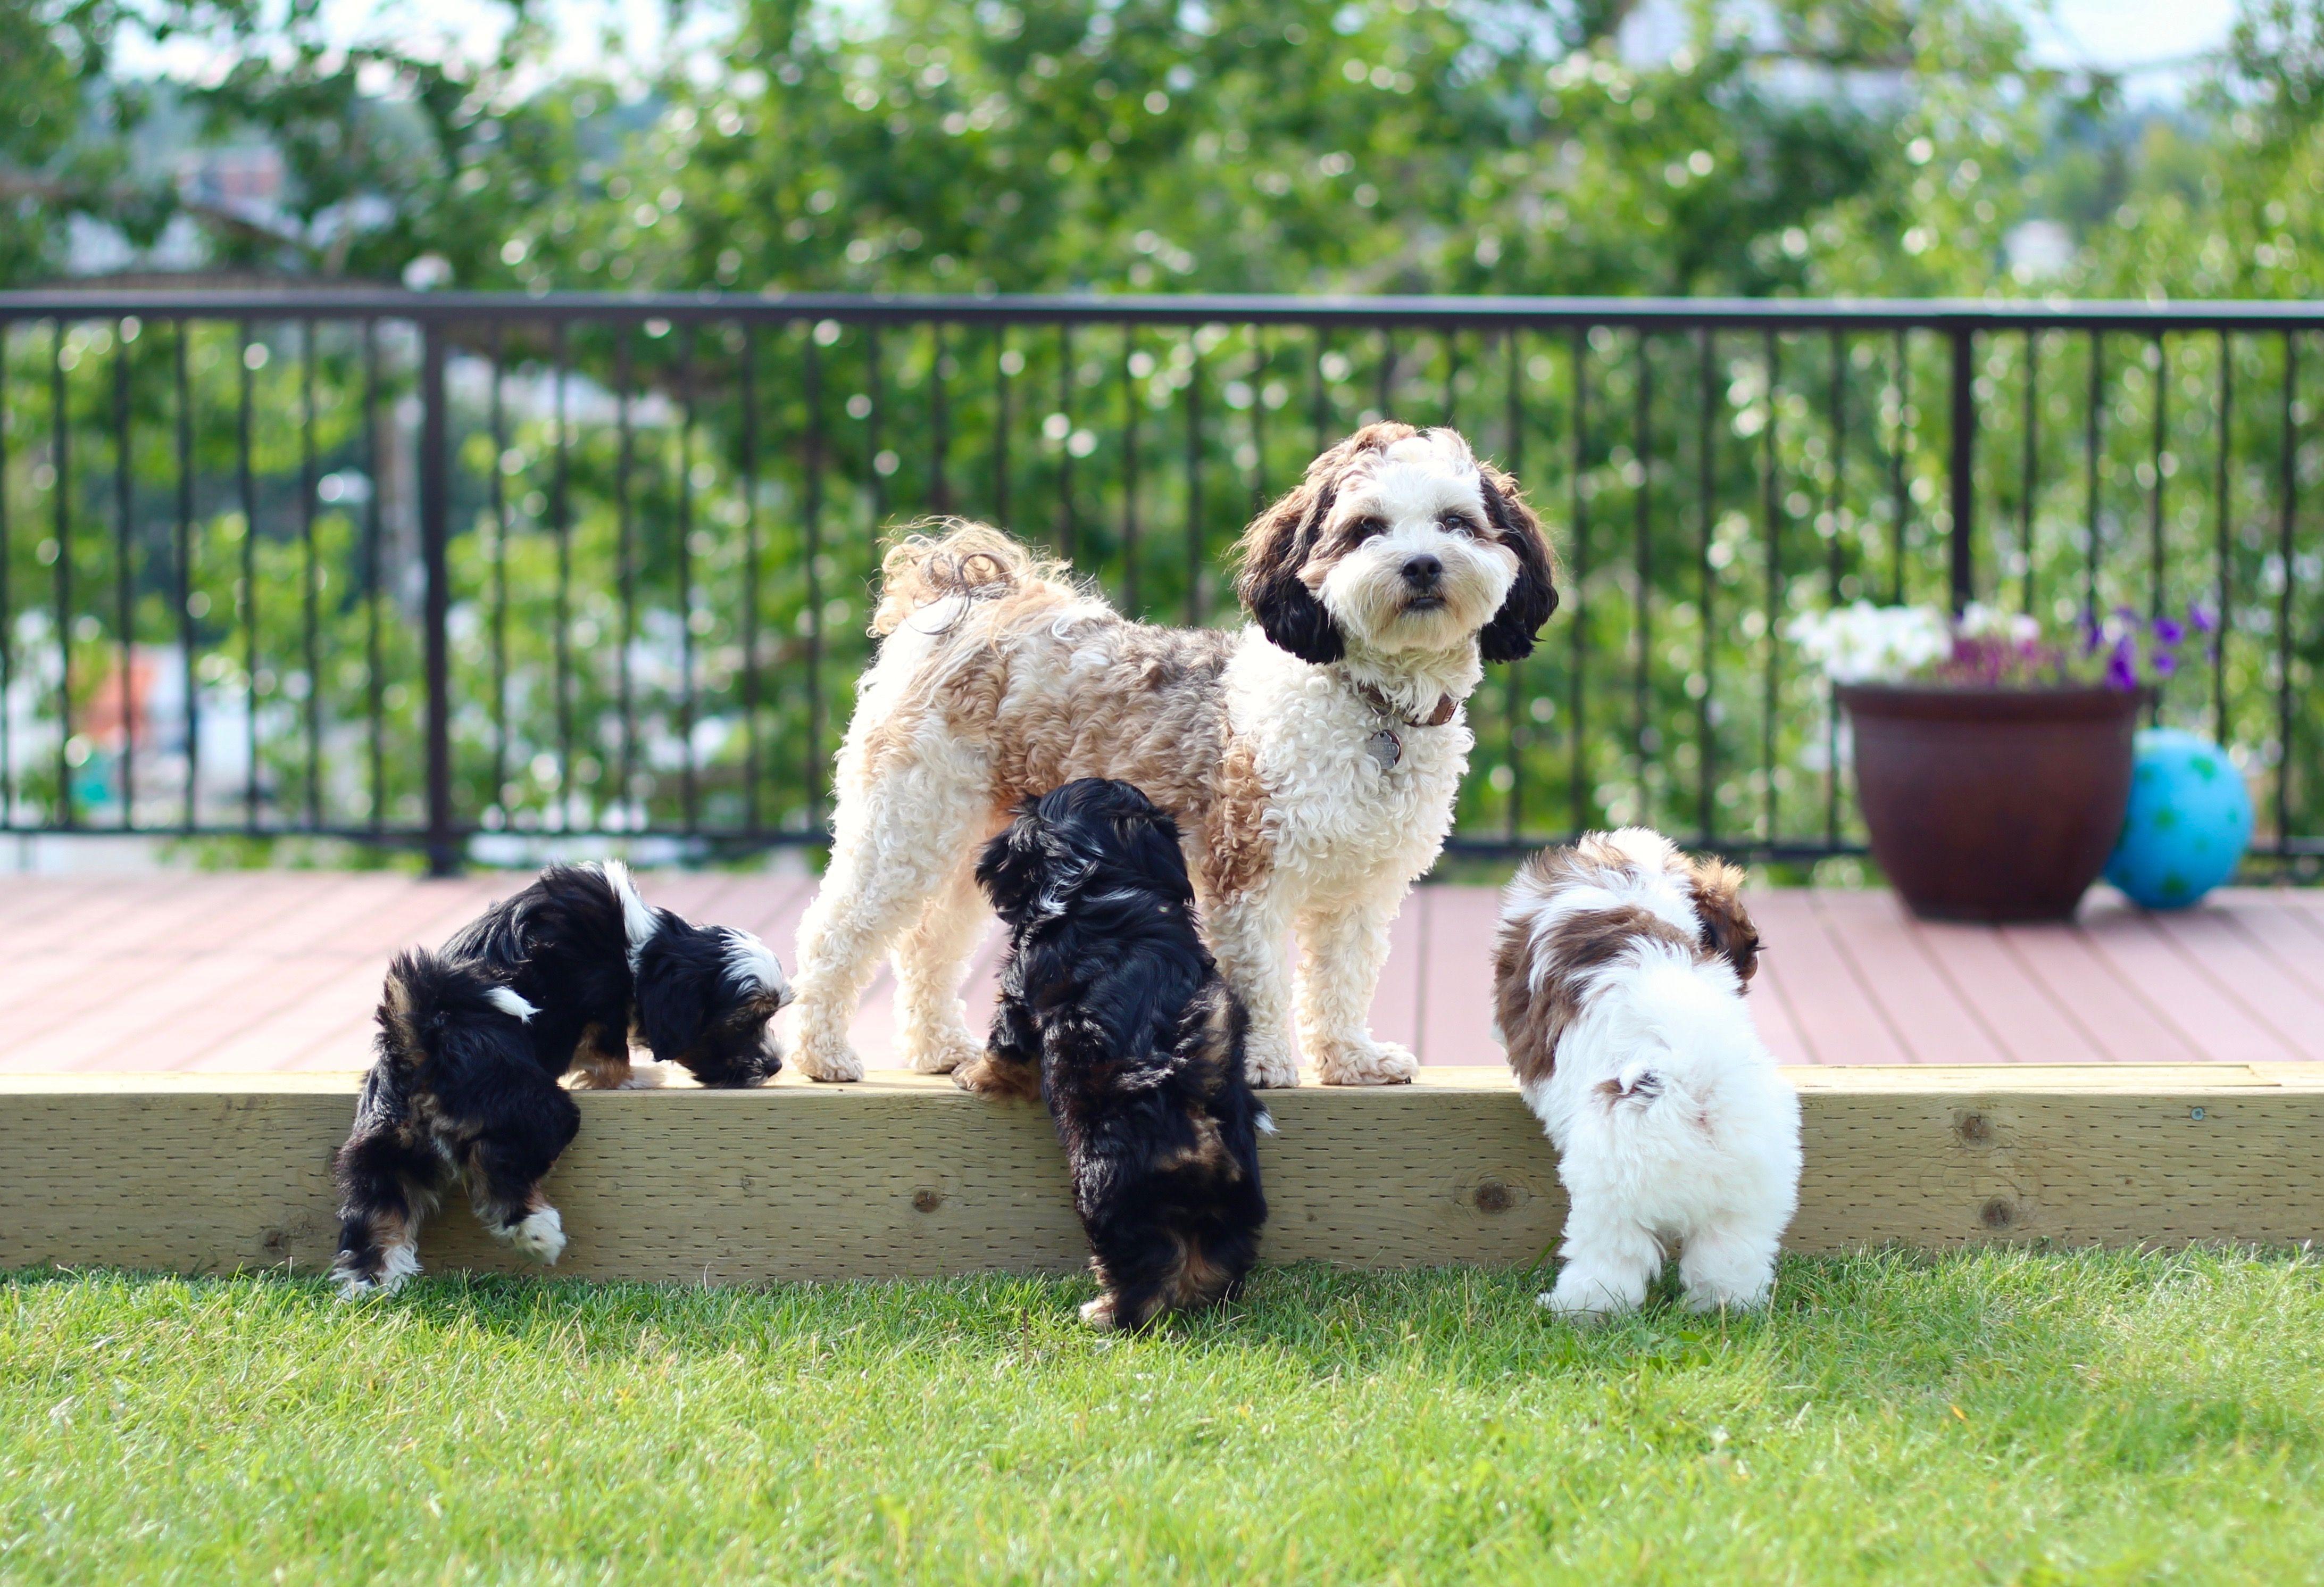 Shichon Zuchon Puppies Shih Tzu Puppy Puppies Zuchon Puppies For Sale